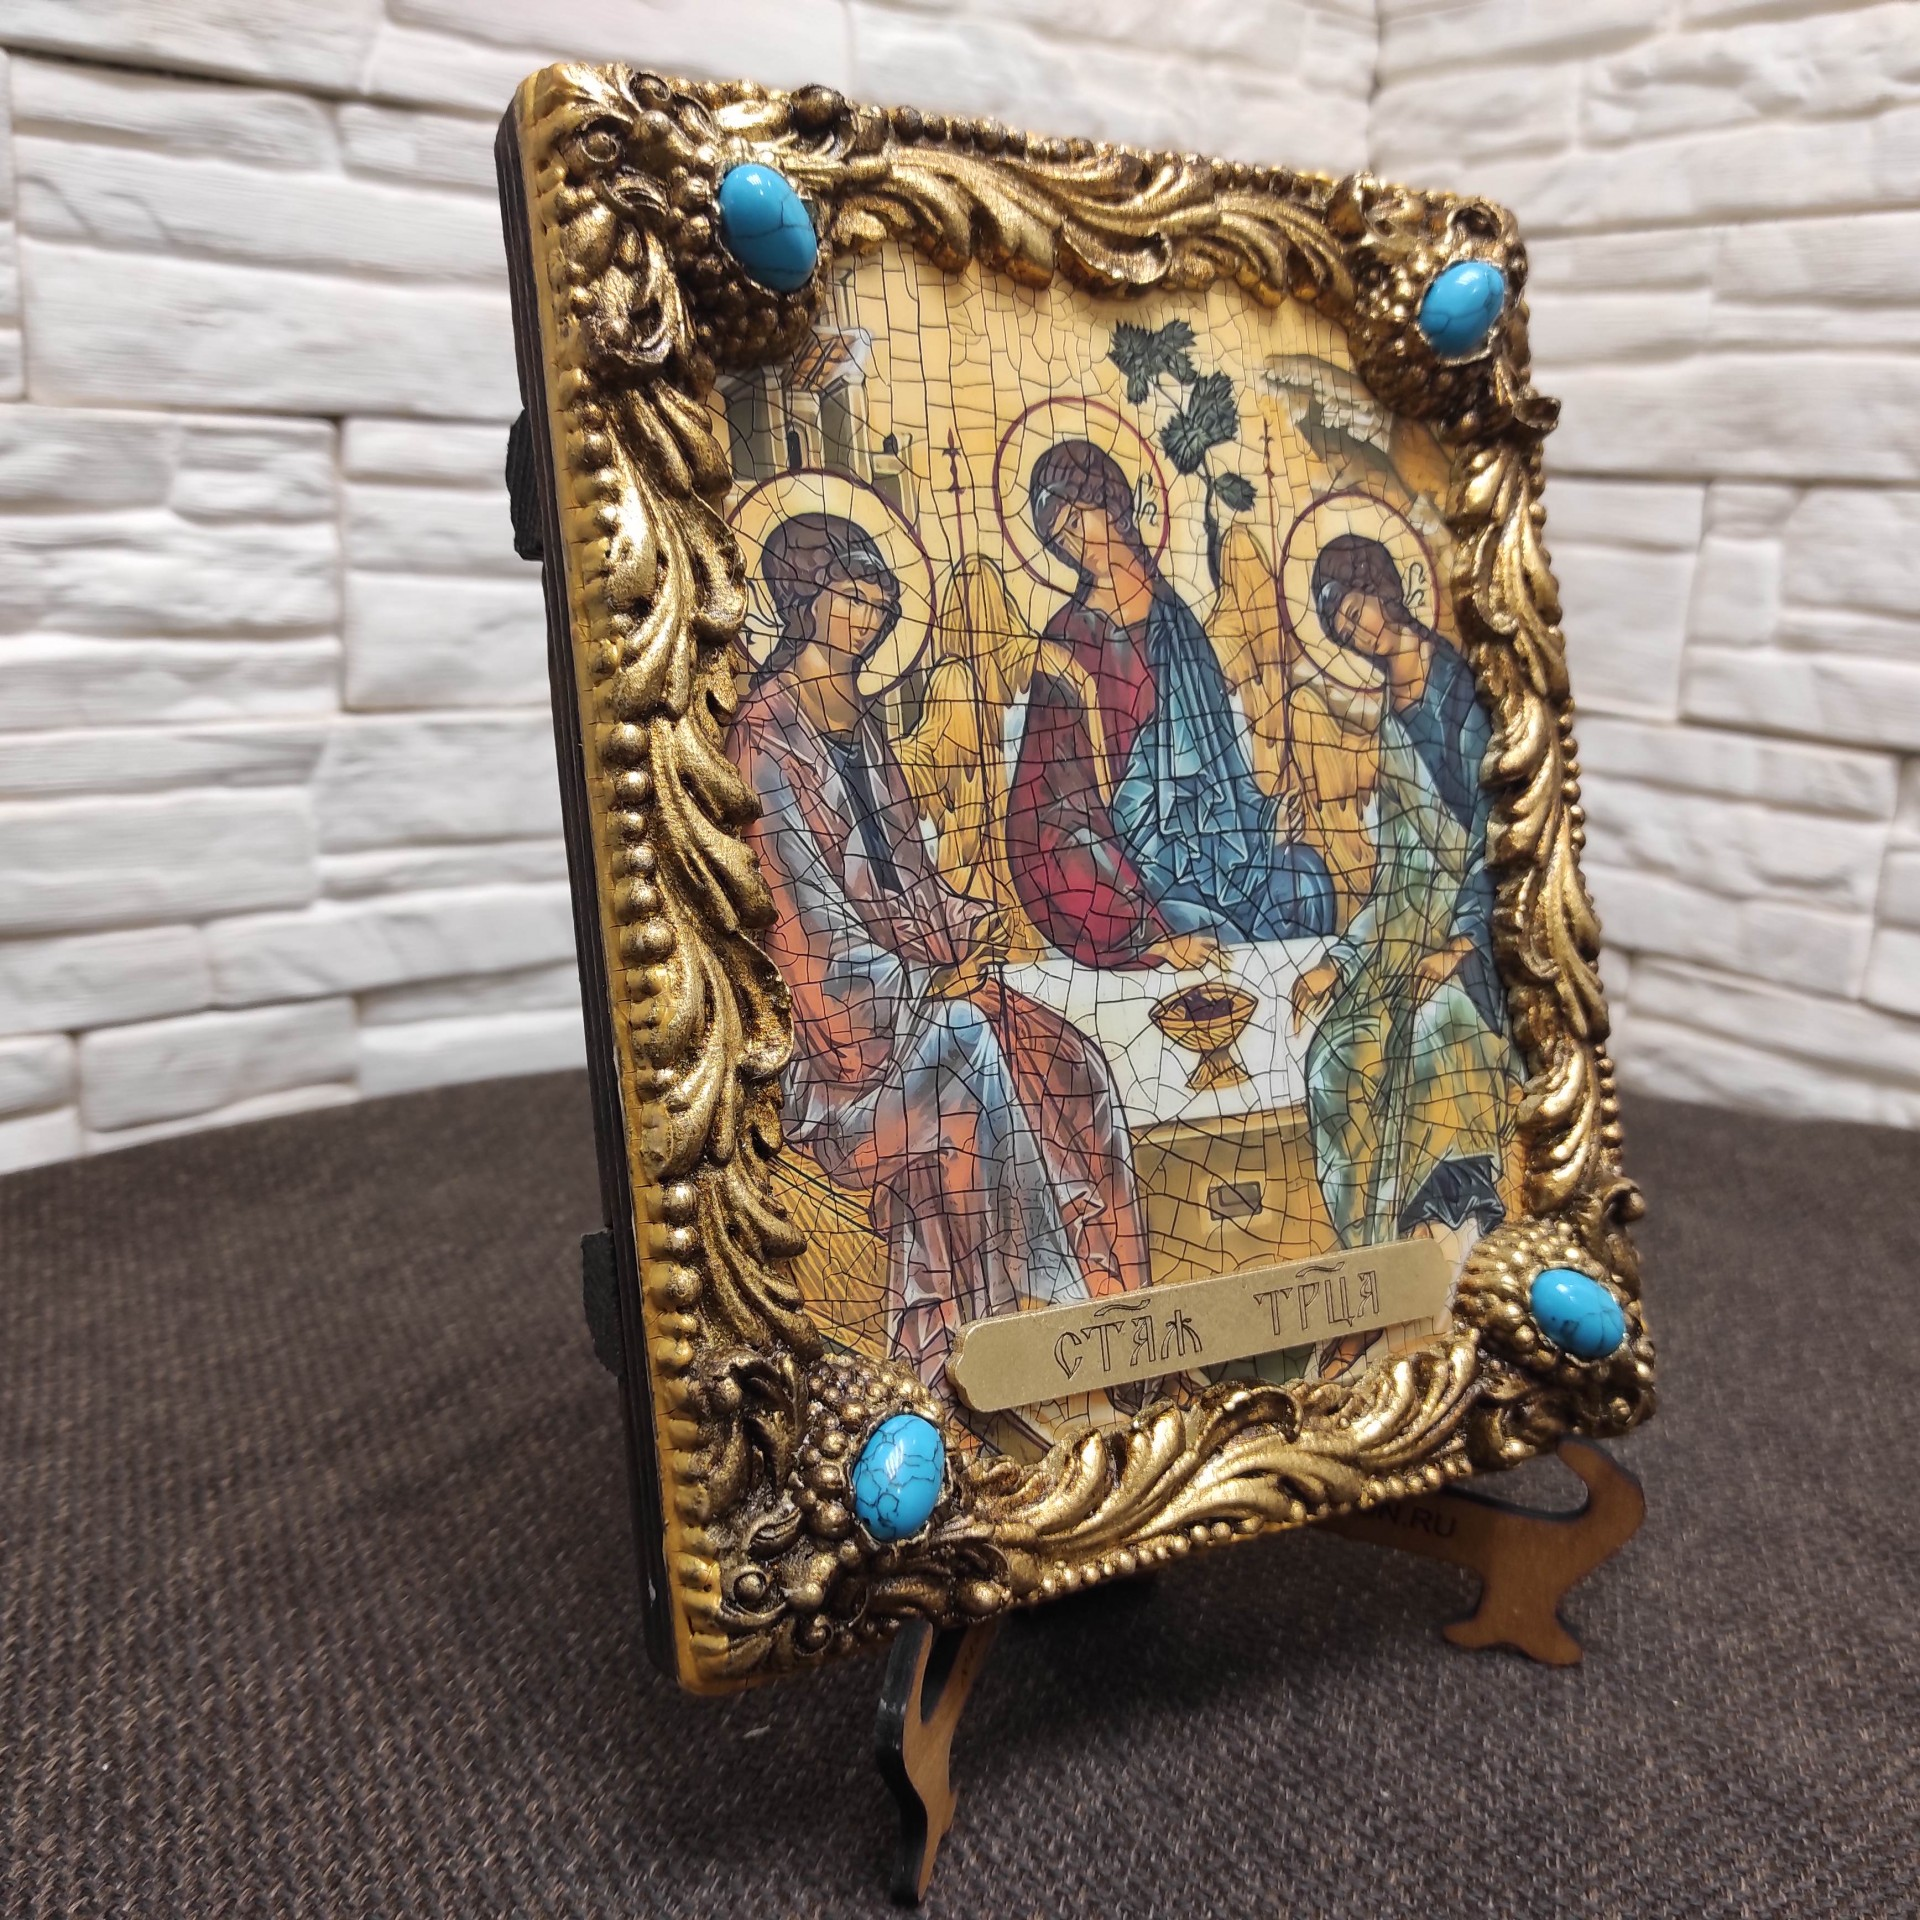 Общая фотография сбоку иконы Троица Рублева вид под наклоном